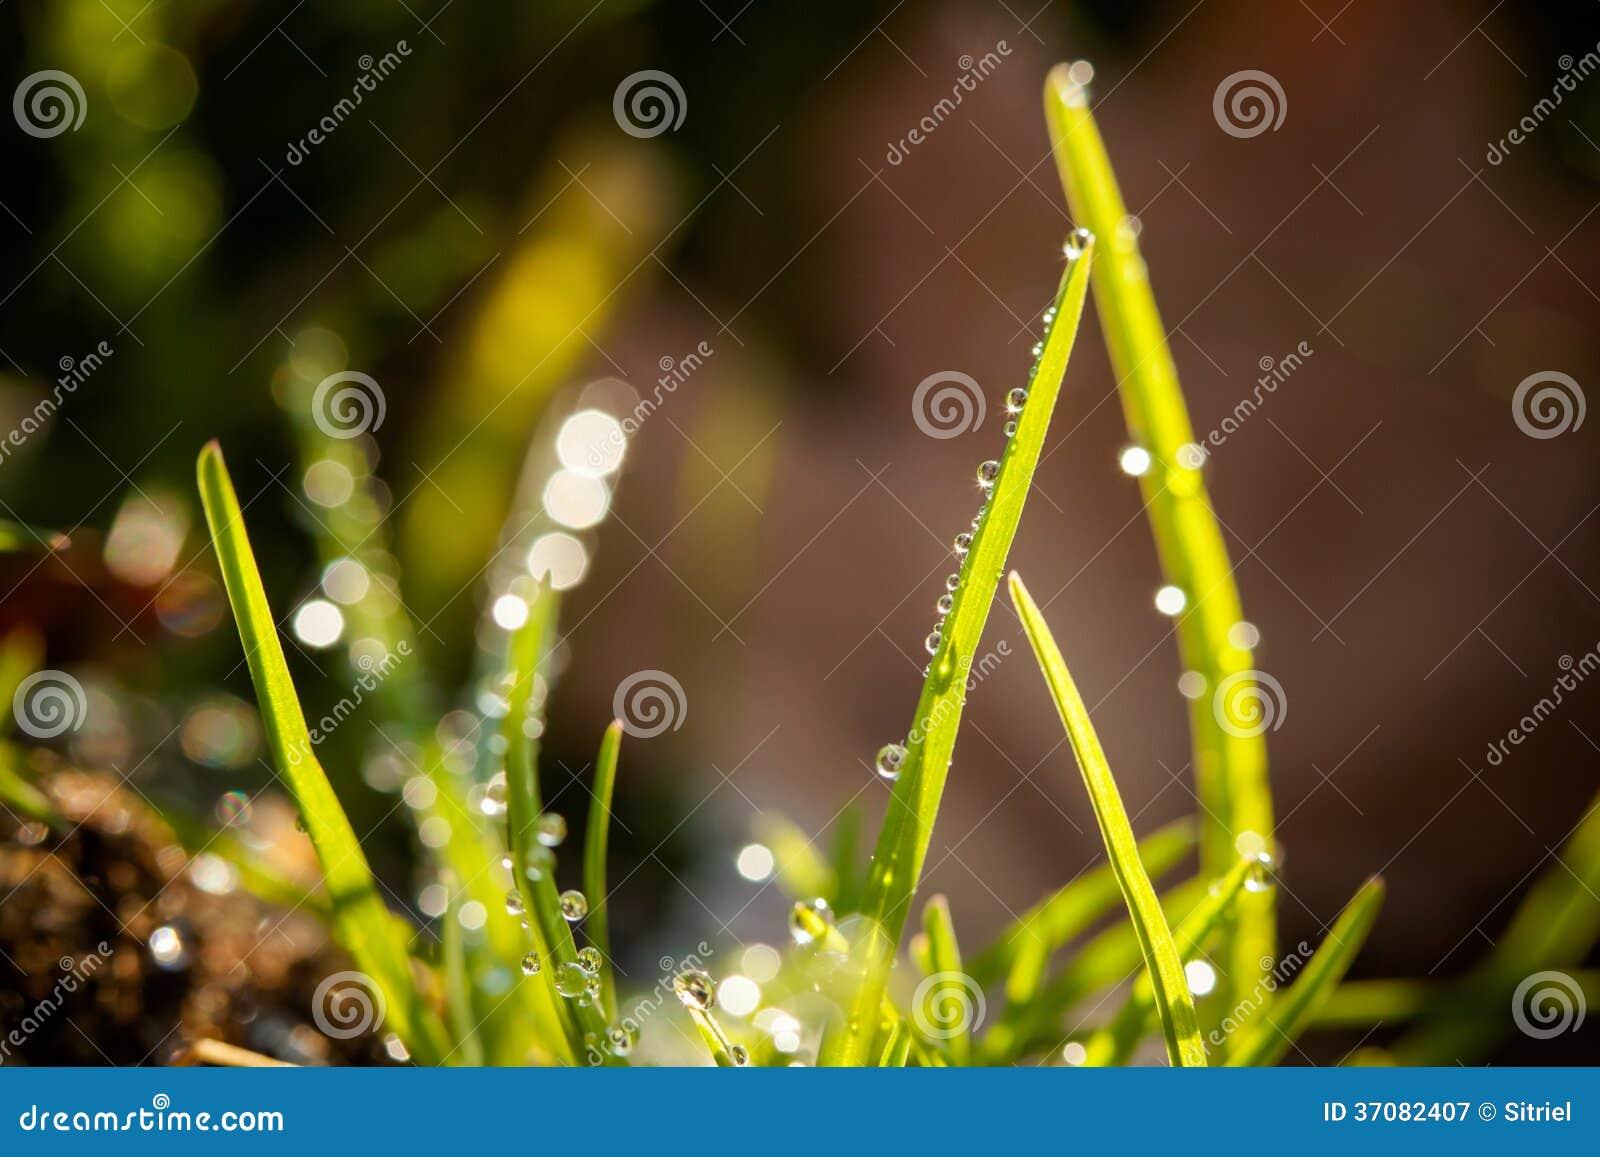 Download Zbliżenie waterdrops obraz stock. Obraz złożonej z jaskrawy - 37082407